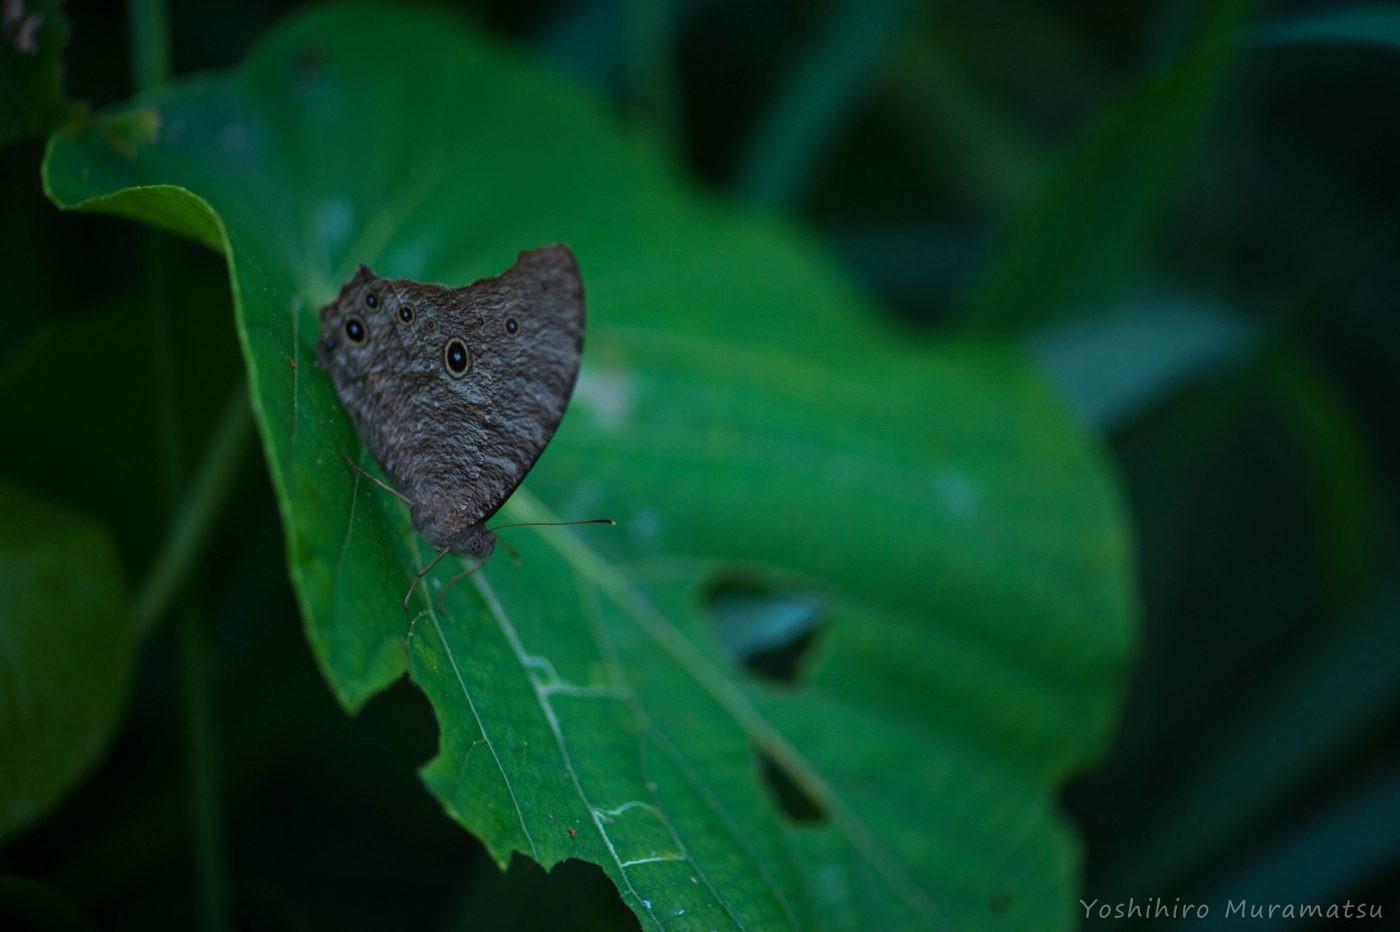 ウスイロコノマチョウの写真